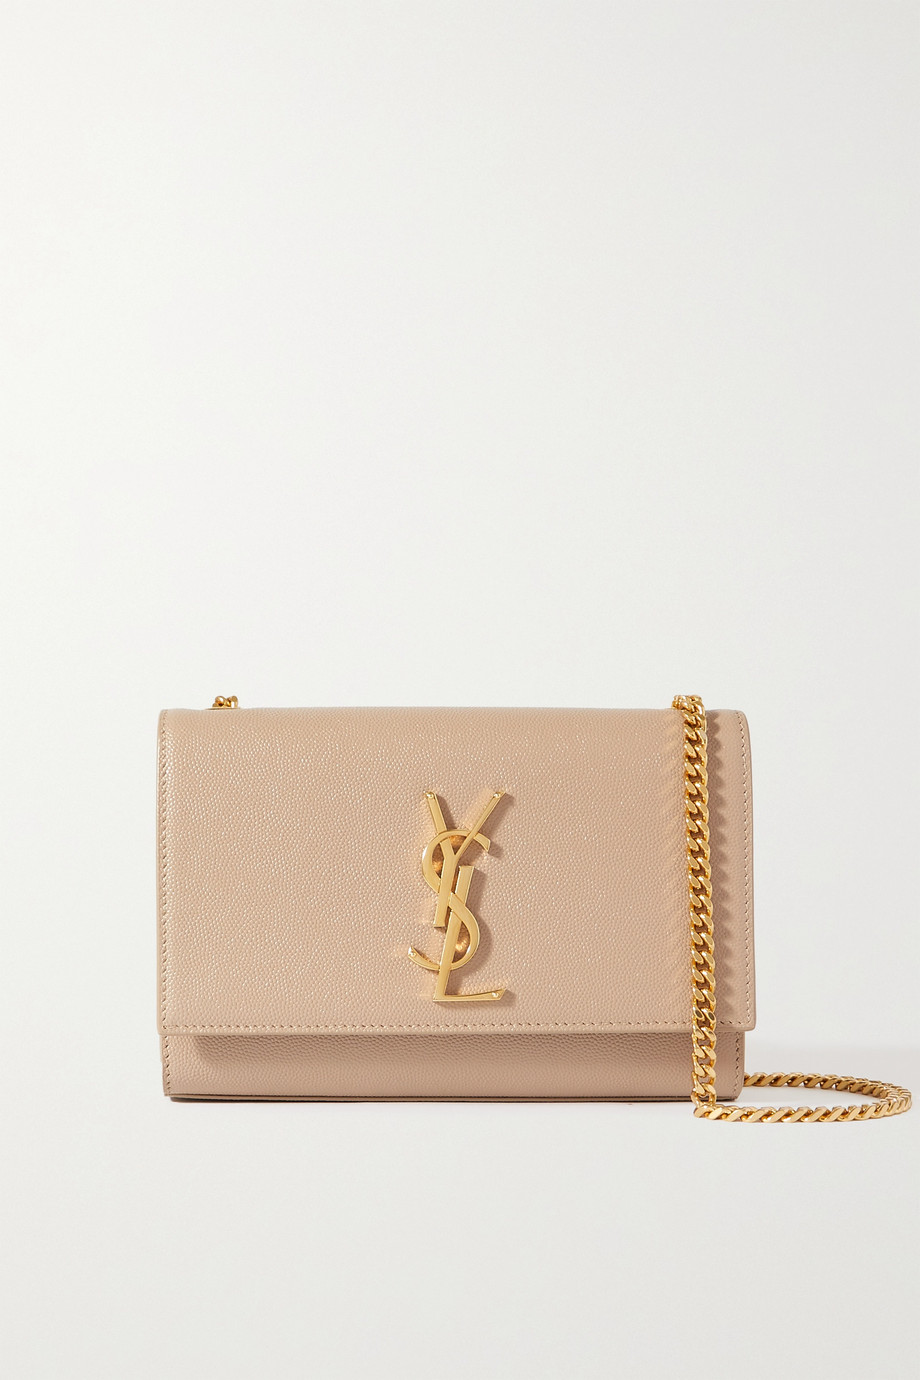 SAINT LAURENT Sac porté épaule en cuir texturé Monogramme Kate Small